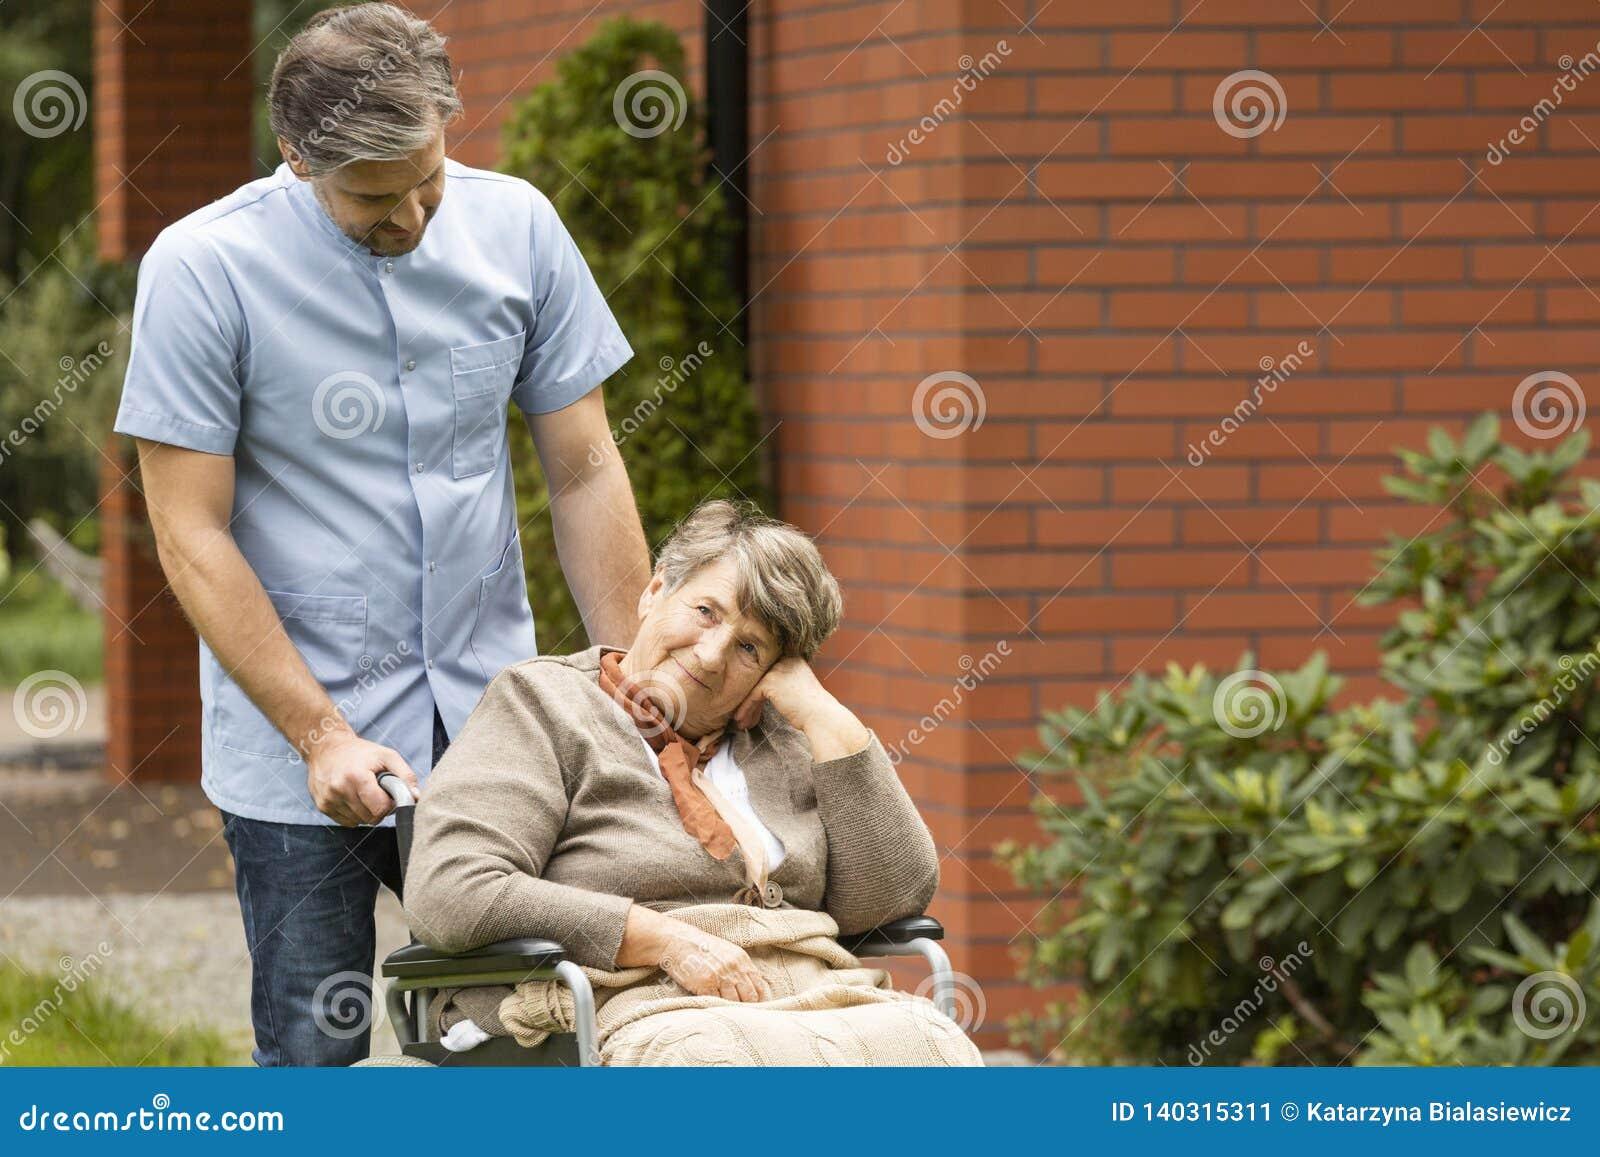 Donna più anziana nel pensiero di una sedia a rotelle e un infermiere maschio che sta accanto lei